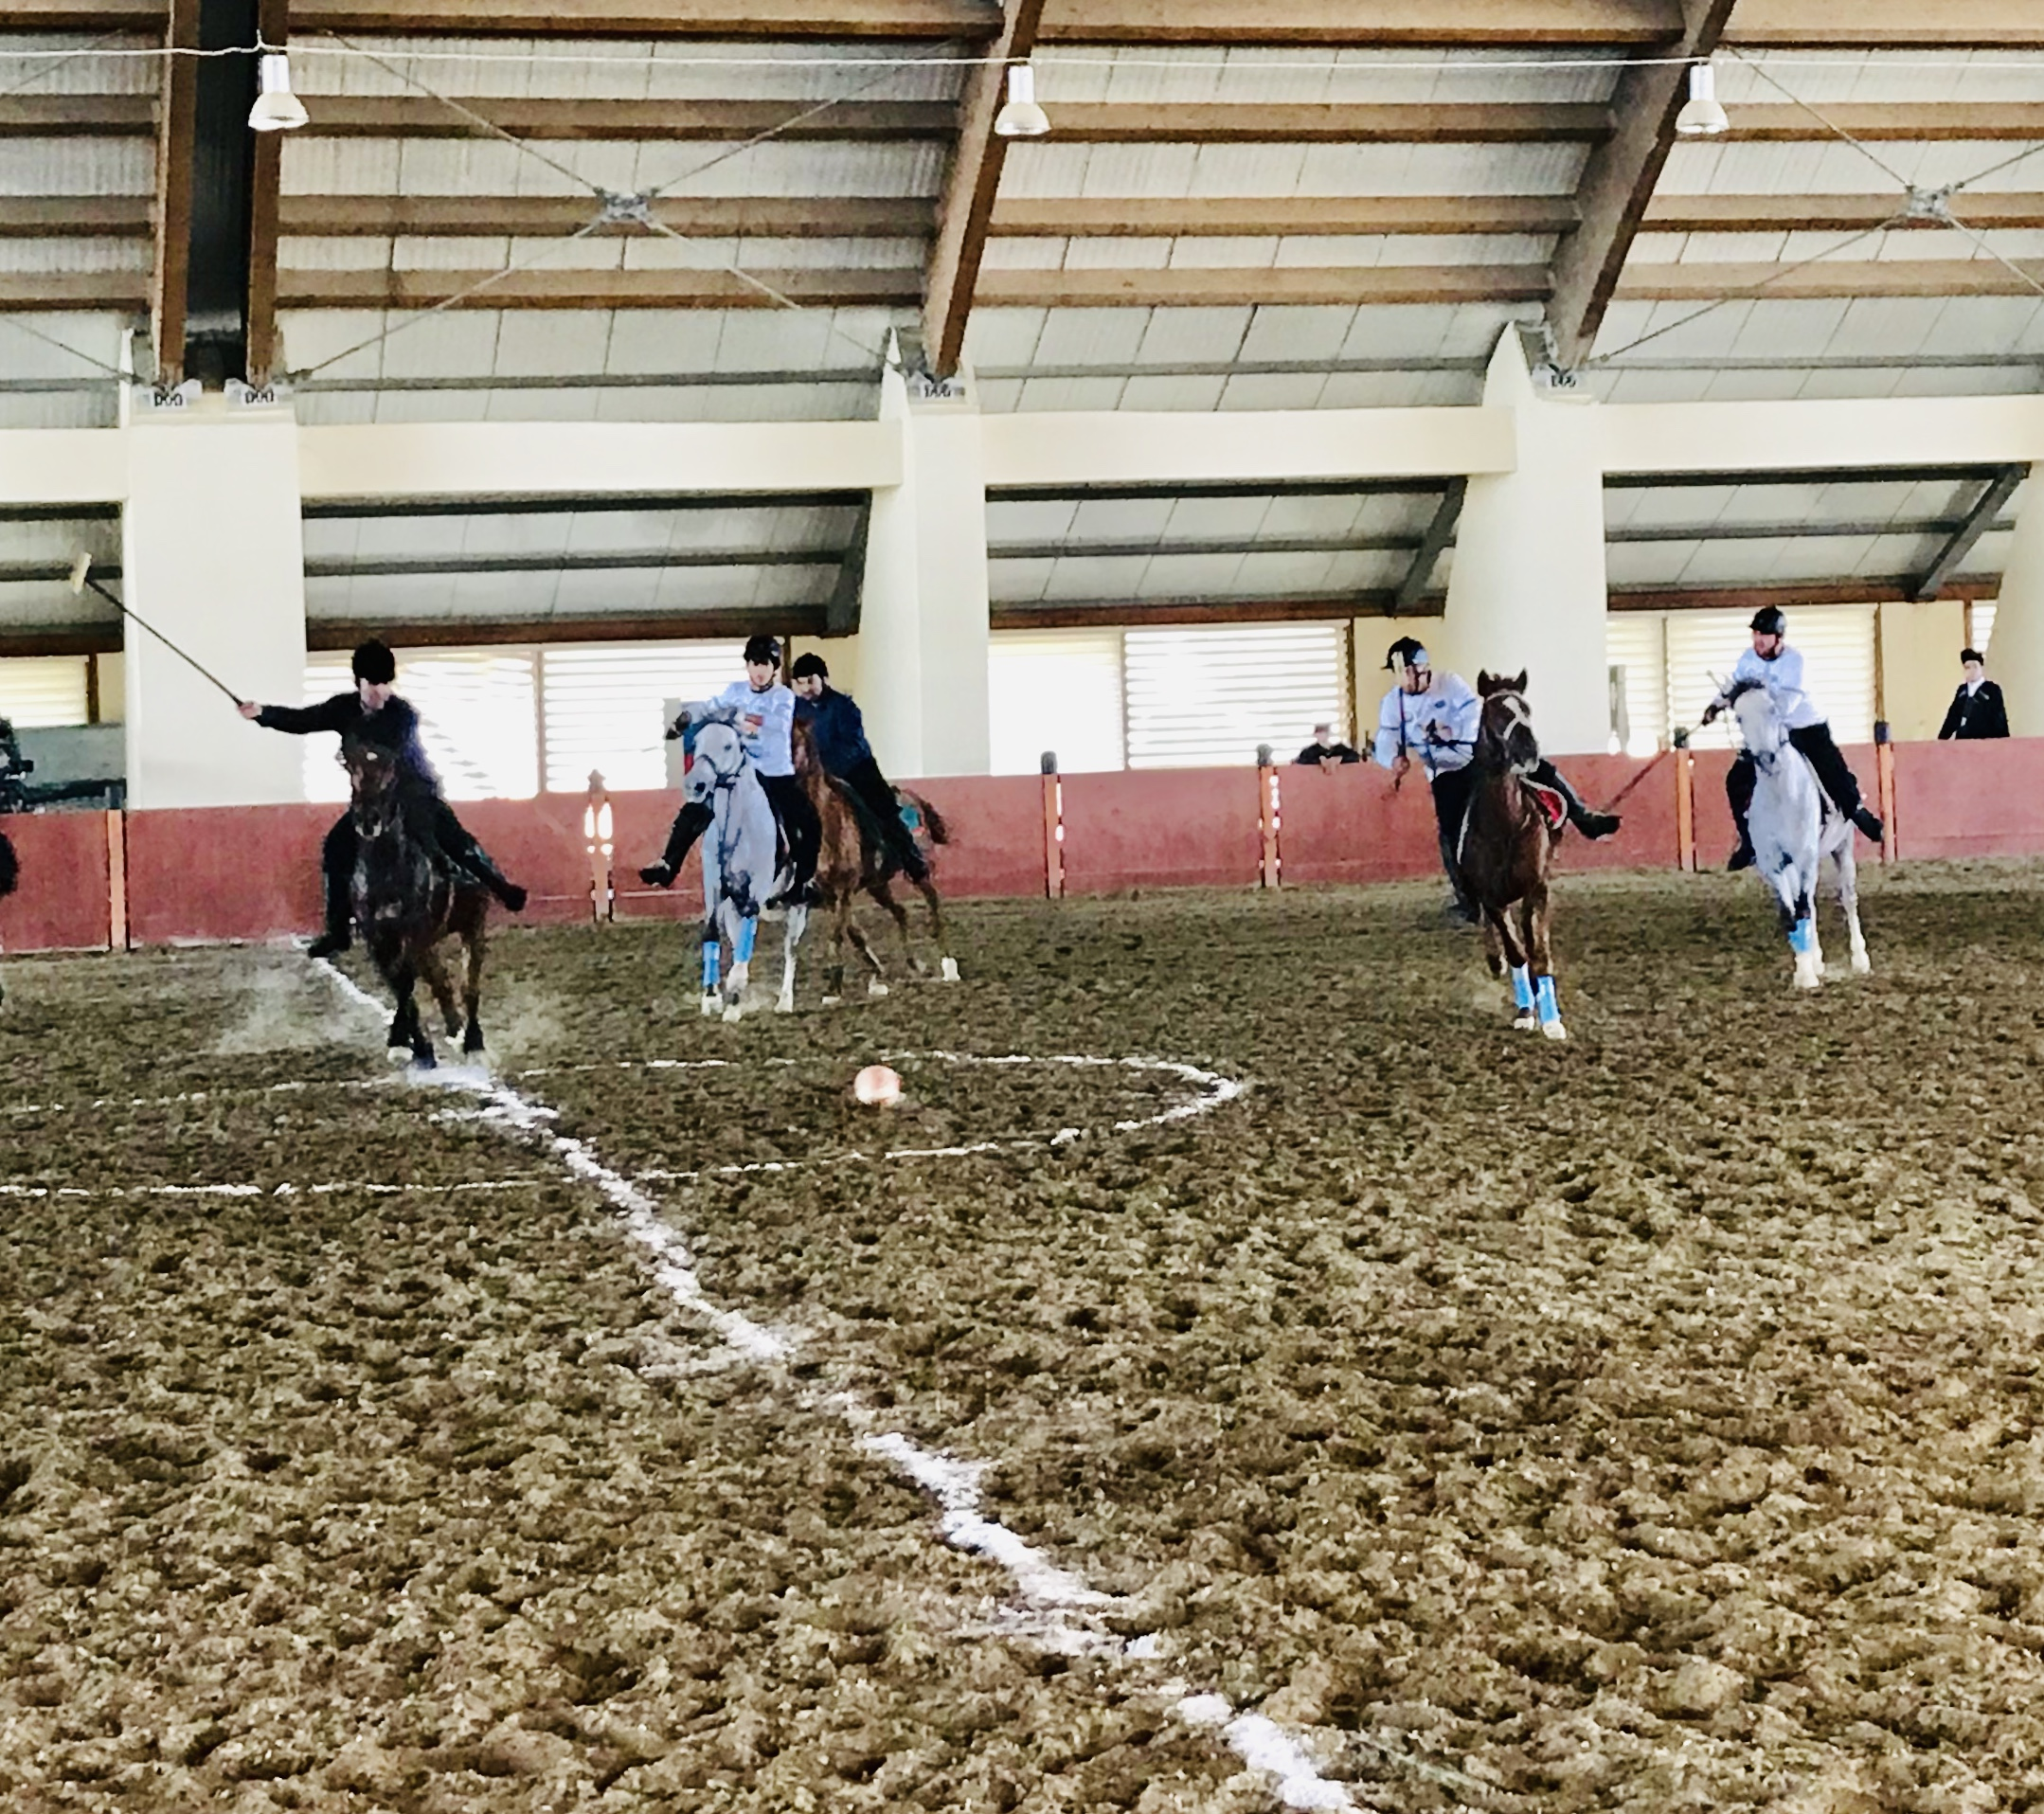 Çövkən Milli Atüstü Oyunu üzrə Prezident Kuboku turnirinə start verilib .